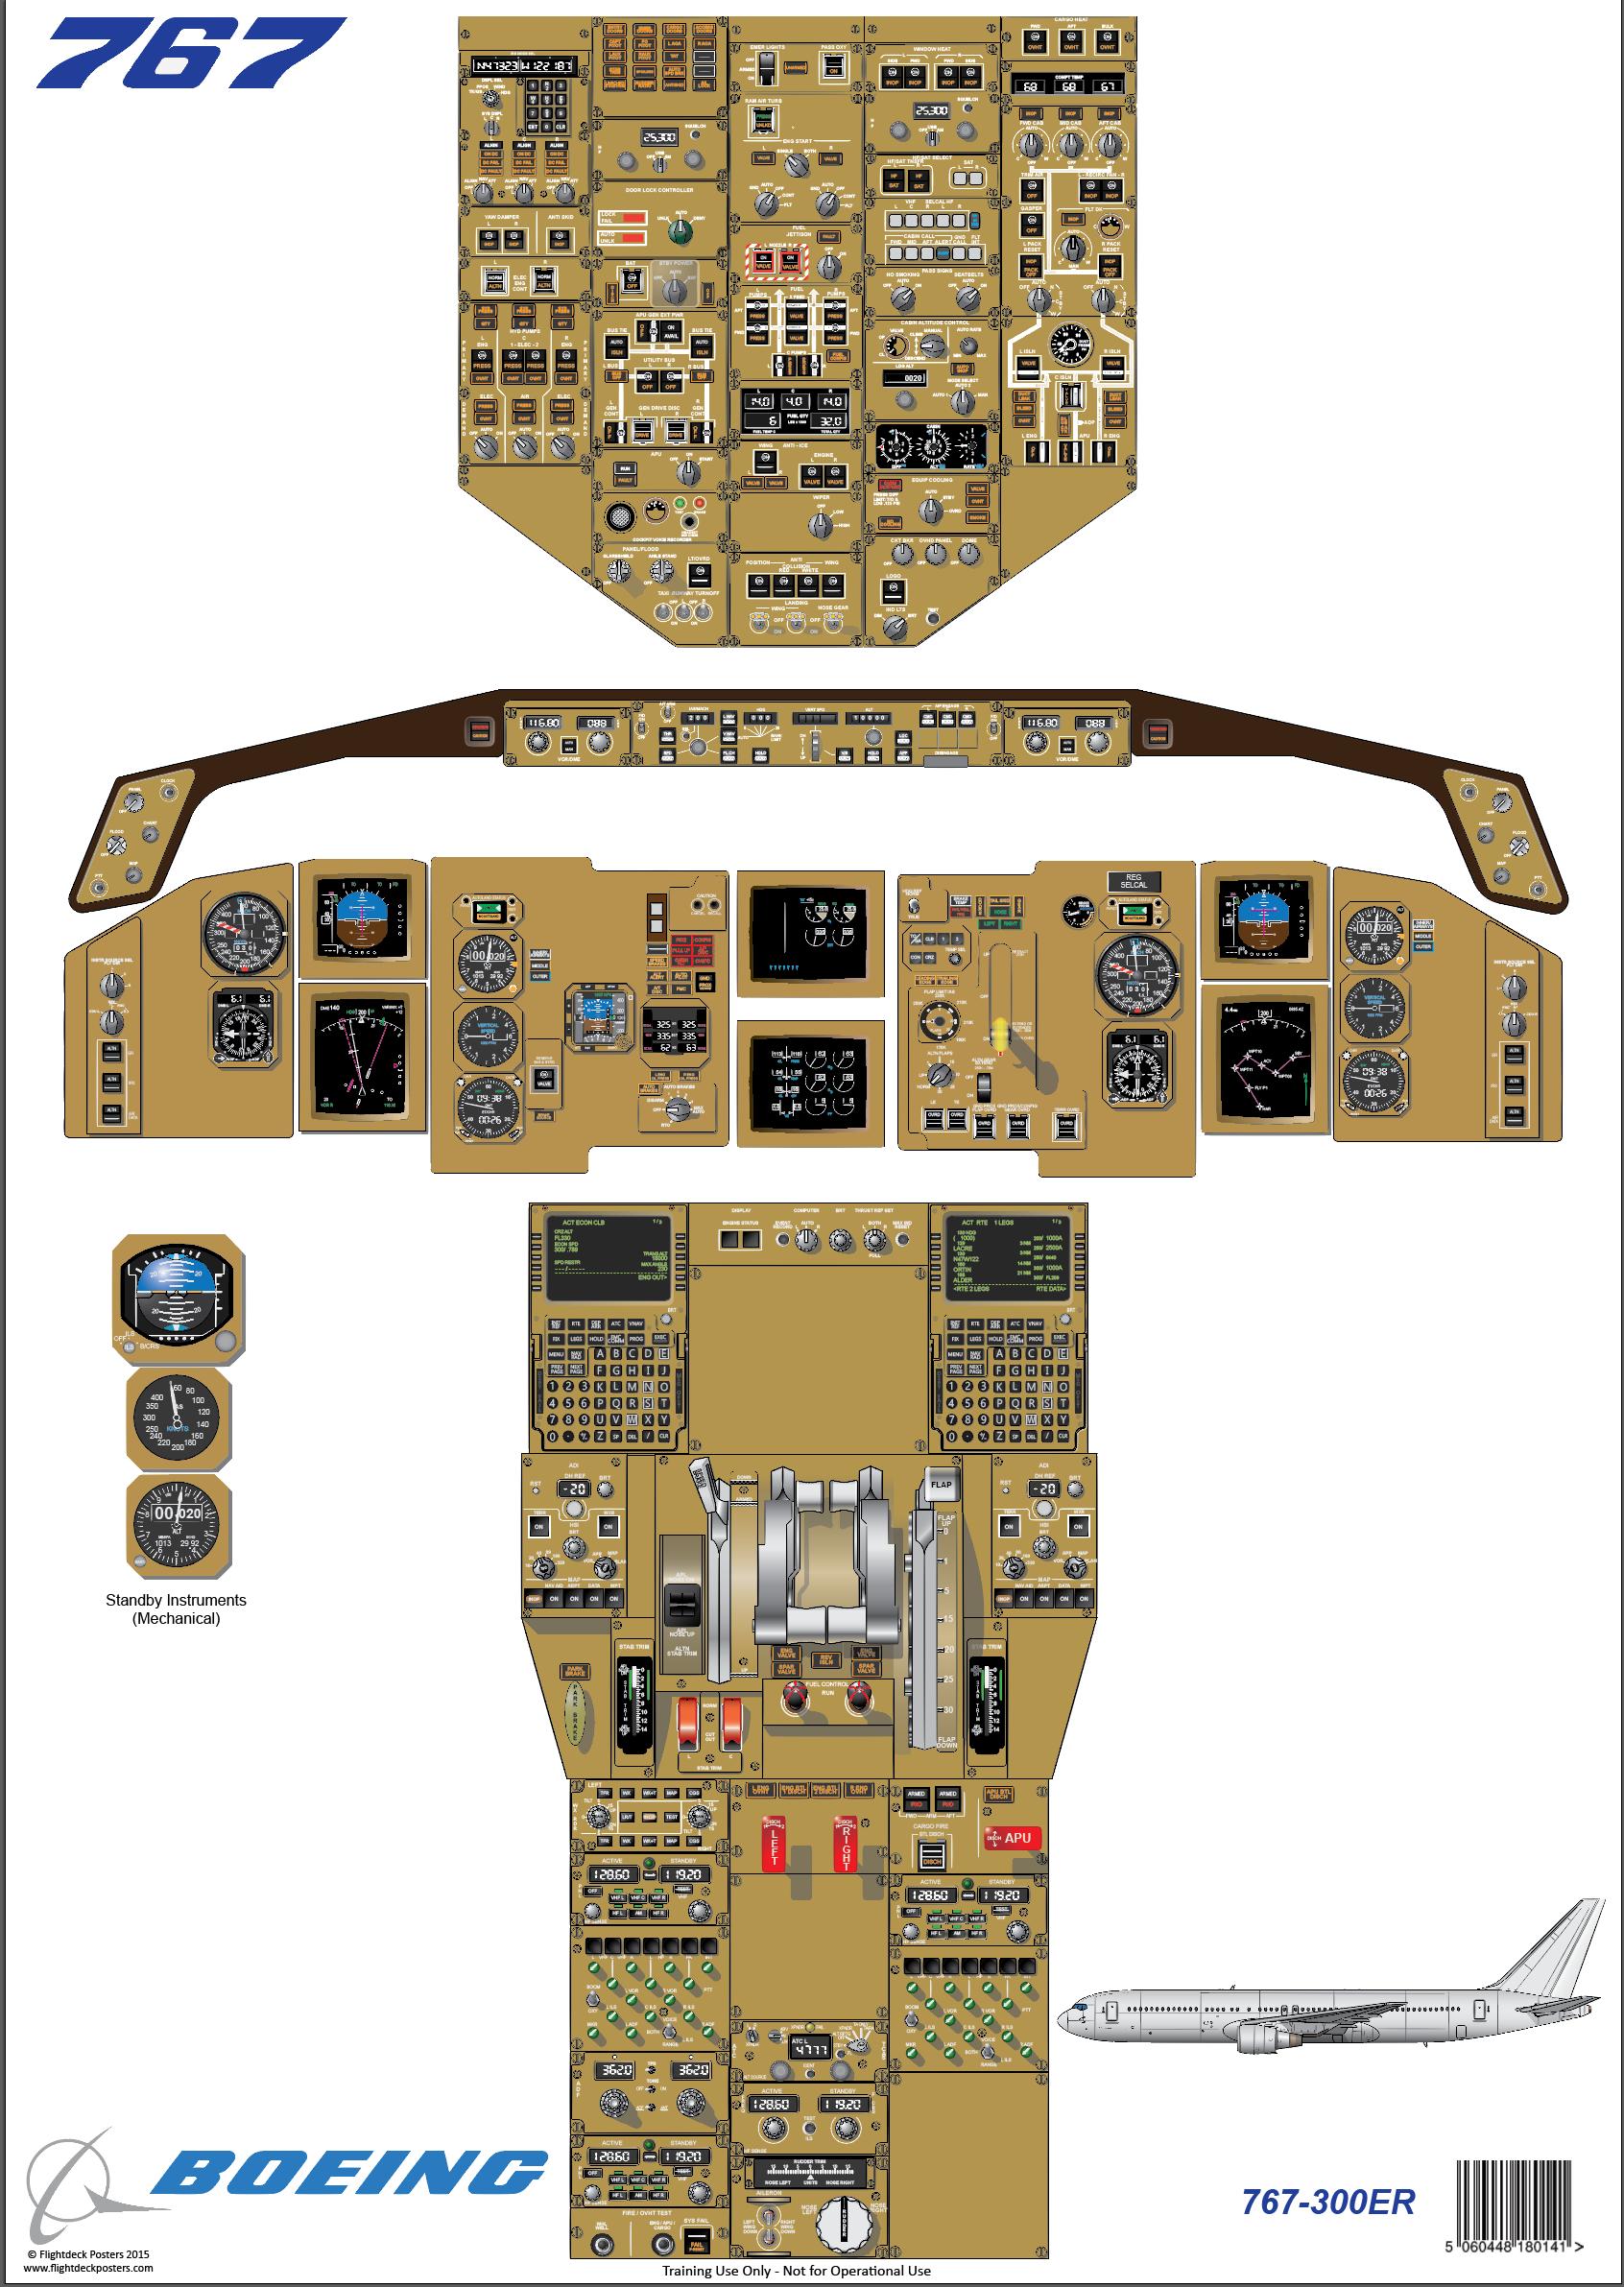 Glyn Chadwick  Boeing    767   300ER Cockpit    Diagram